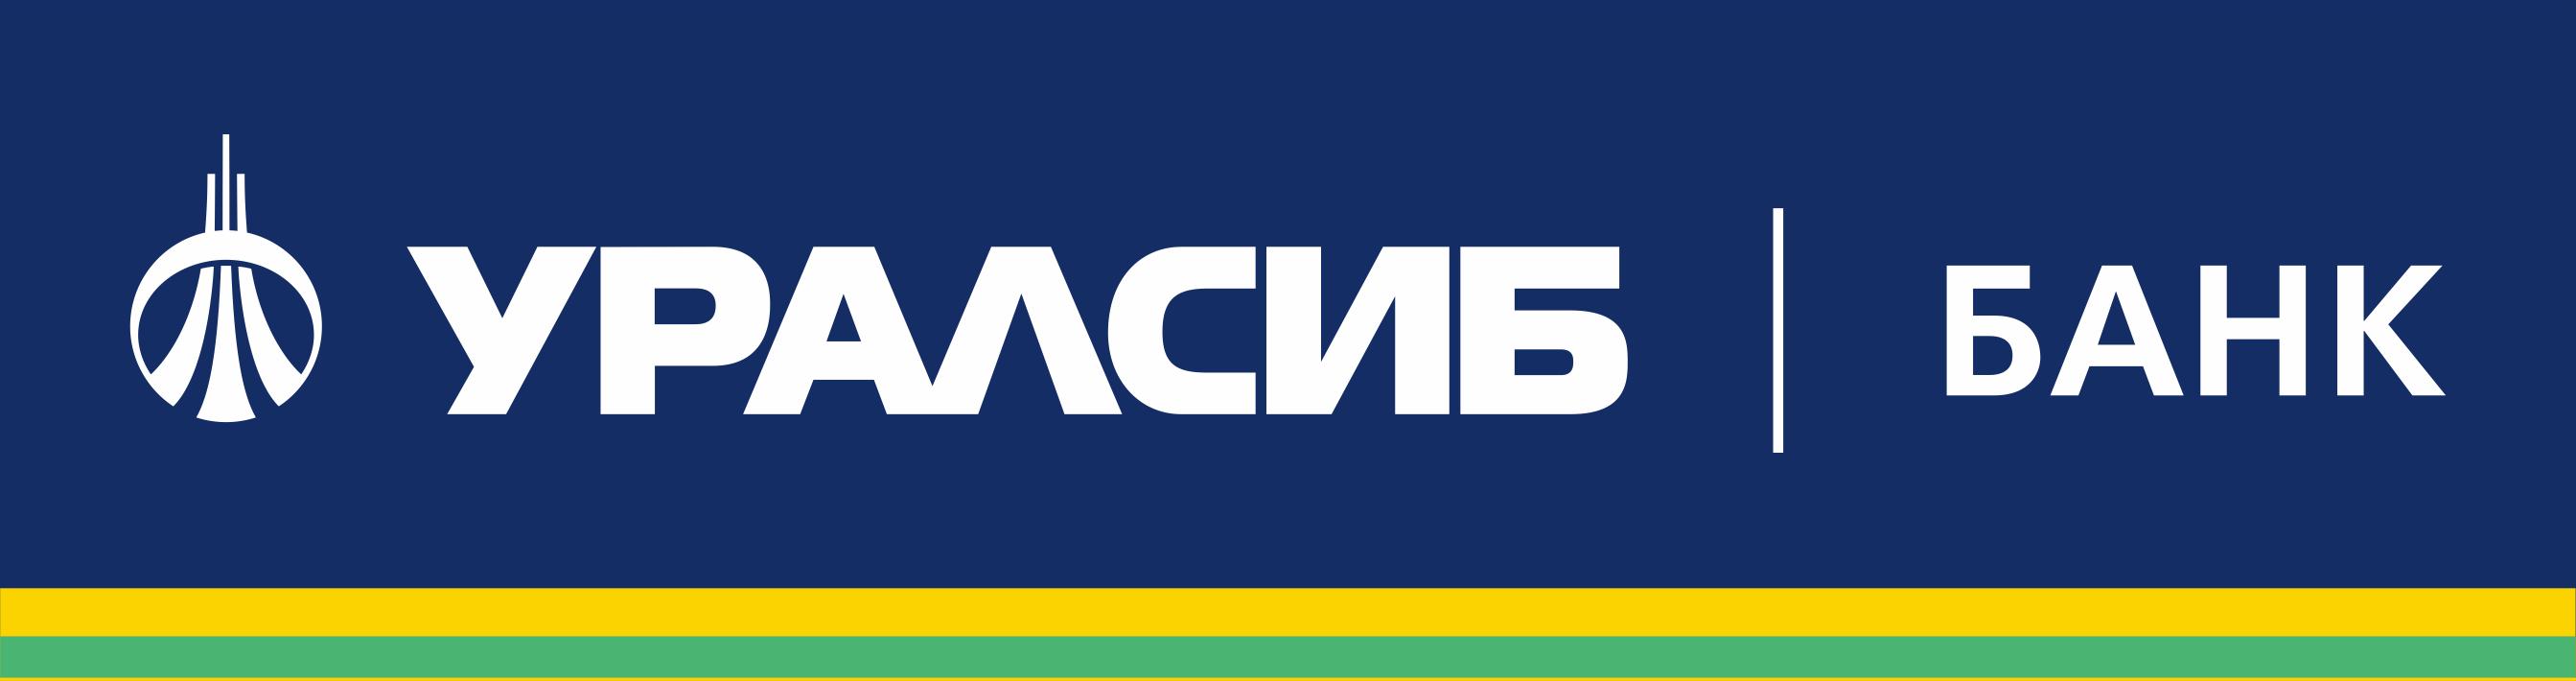 уралсиб картинка логотипа заведений